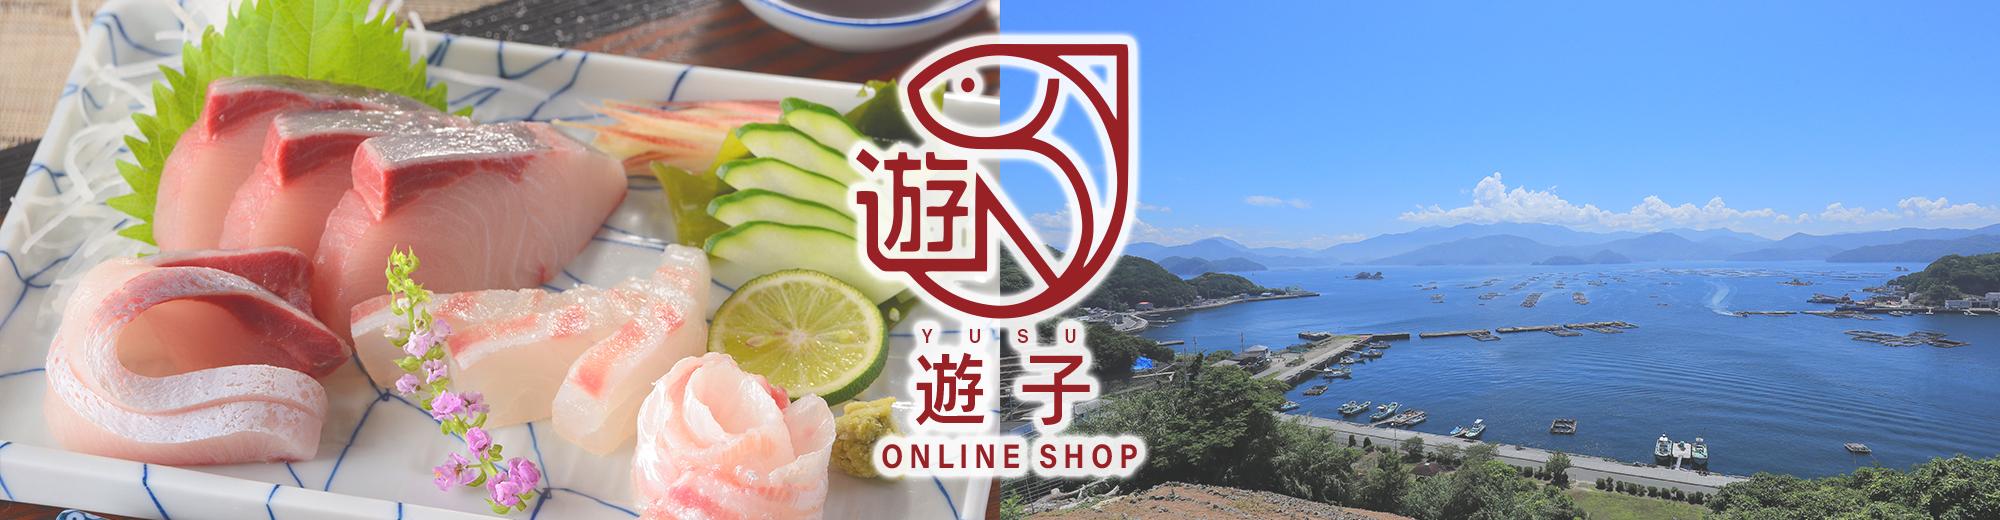 愛媛県漁業協同組合 遊子支所 オンラインショップ